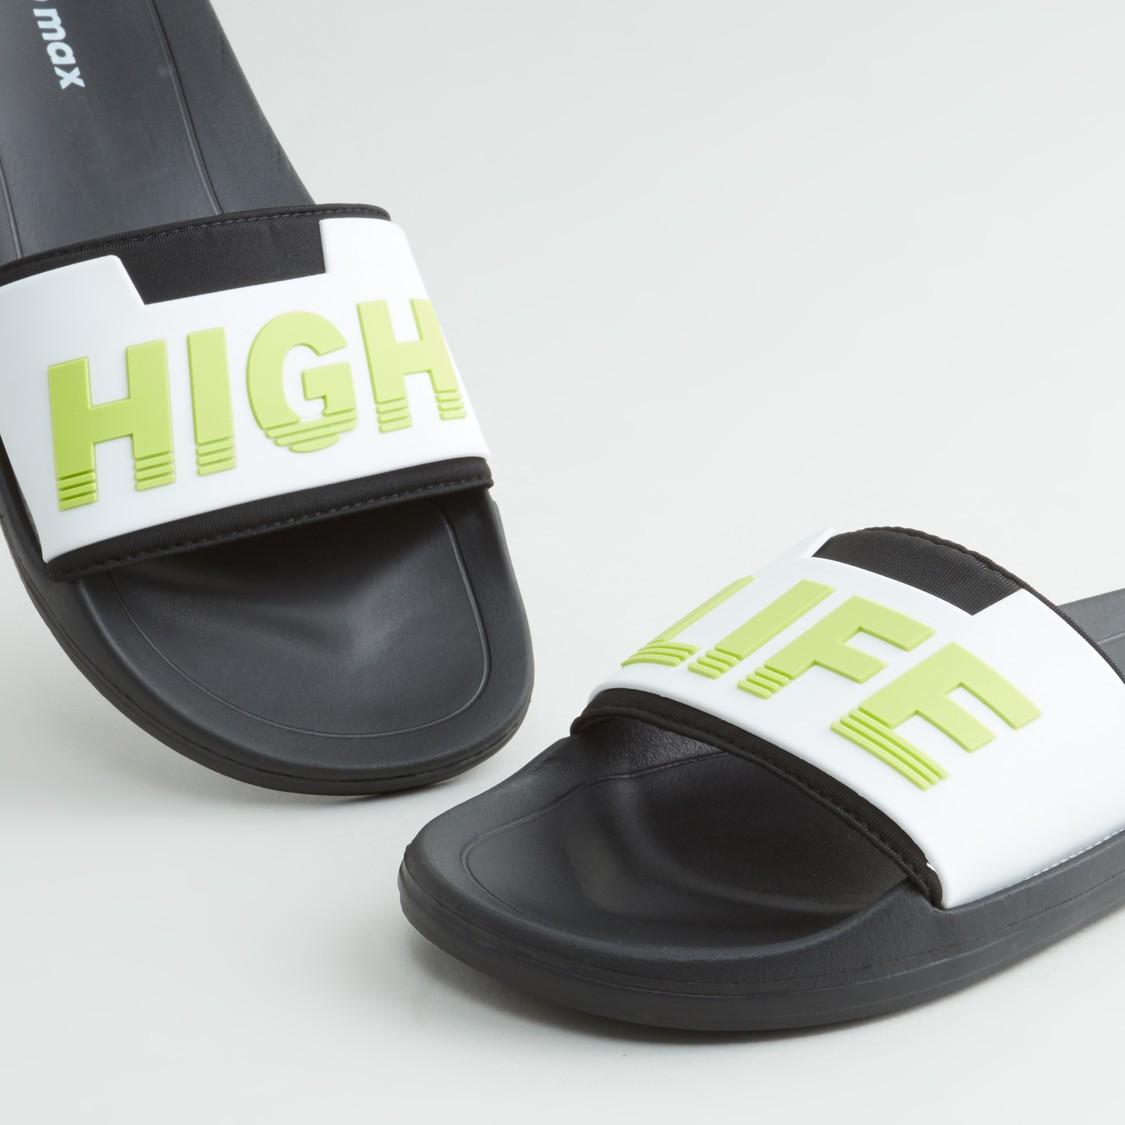 حذاء خفيف سهل الارتداء بطبعات